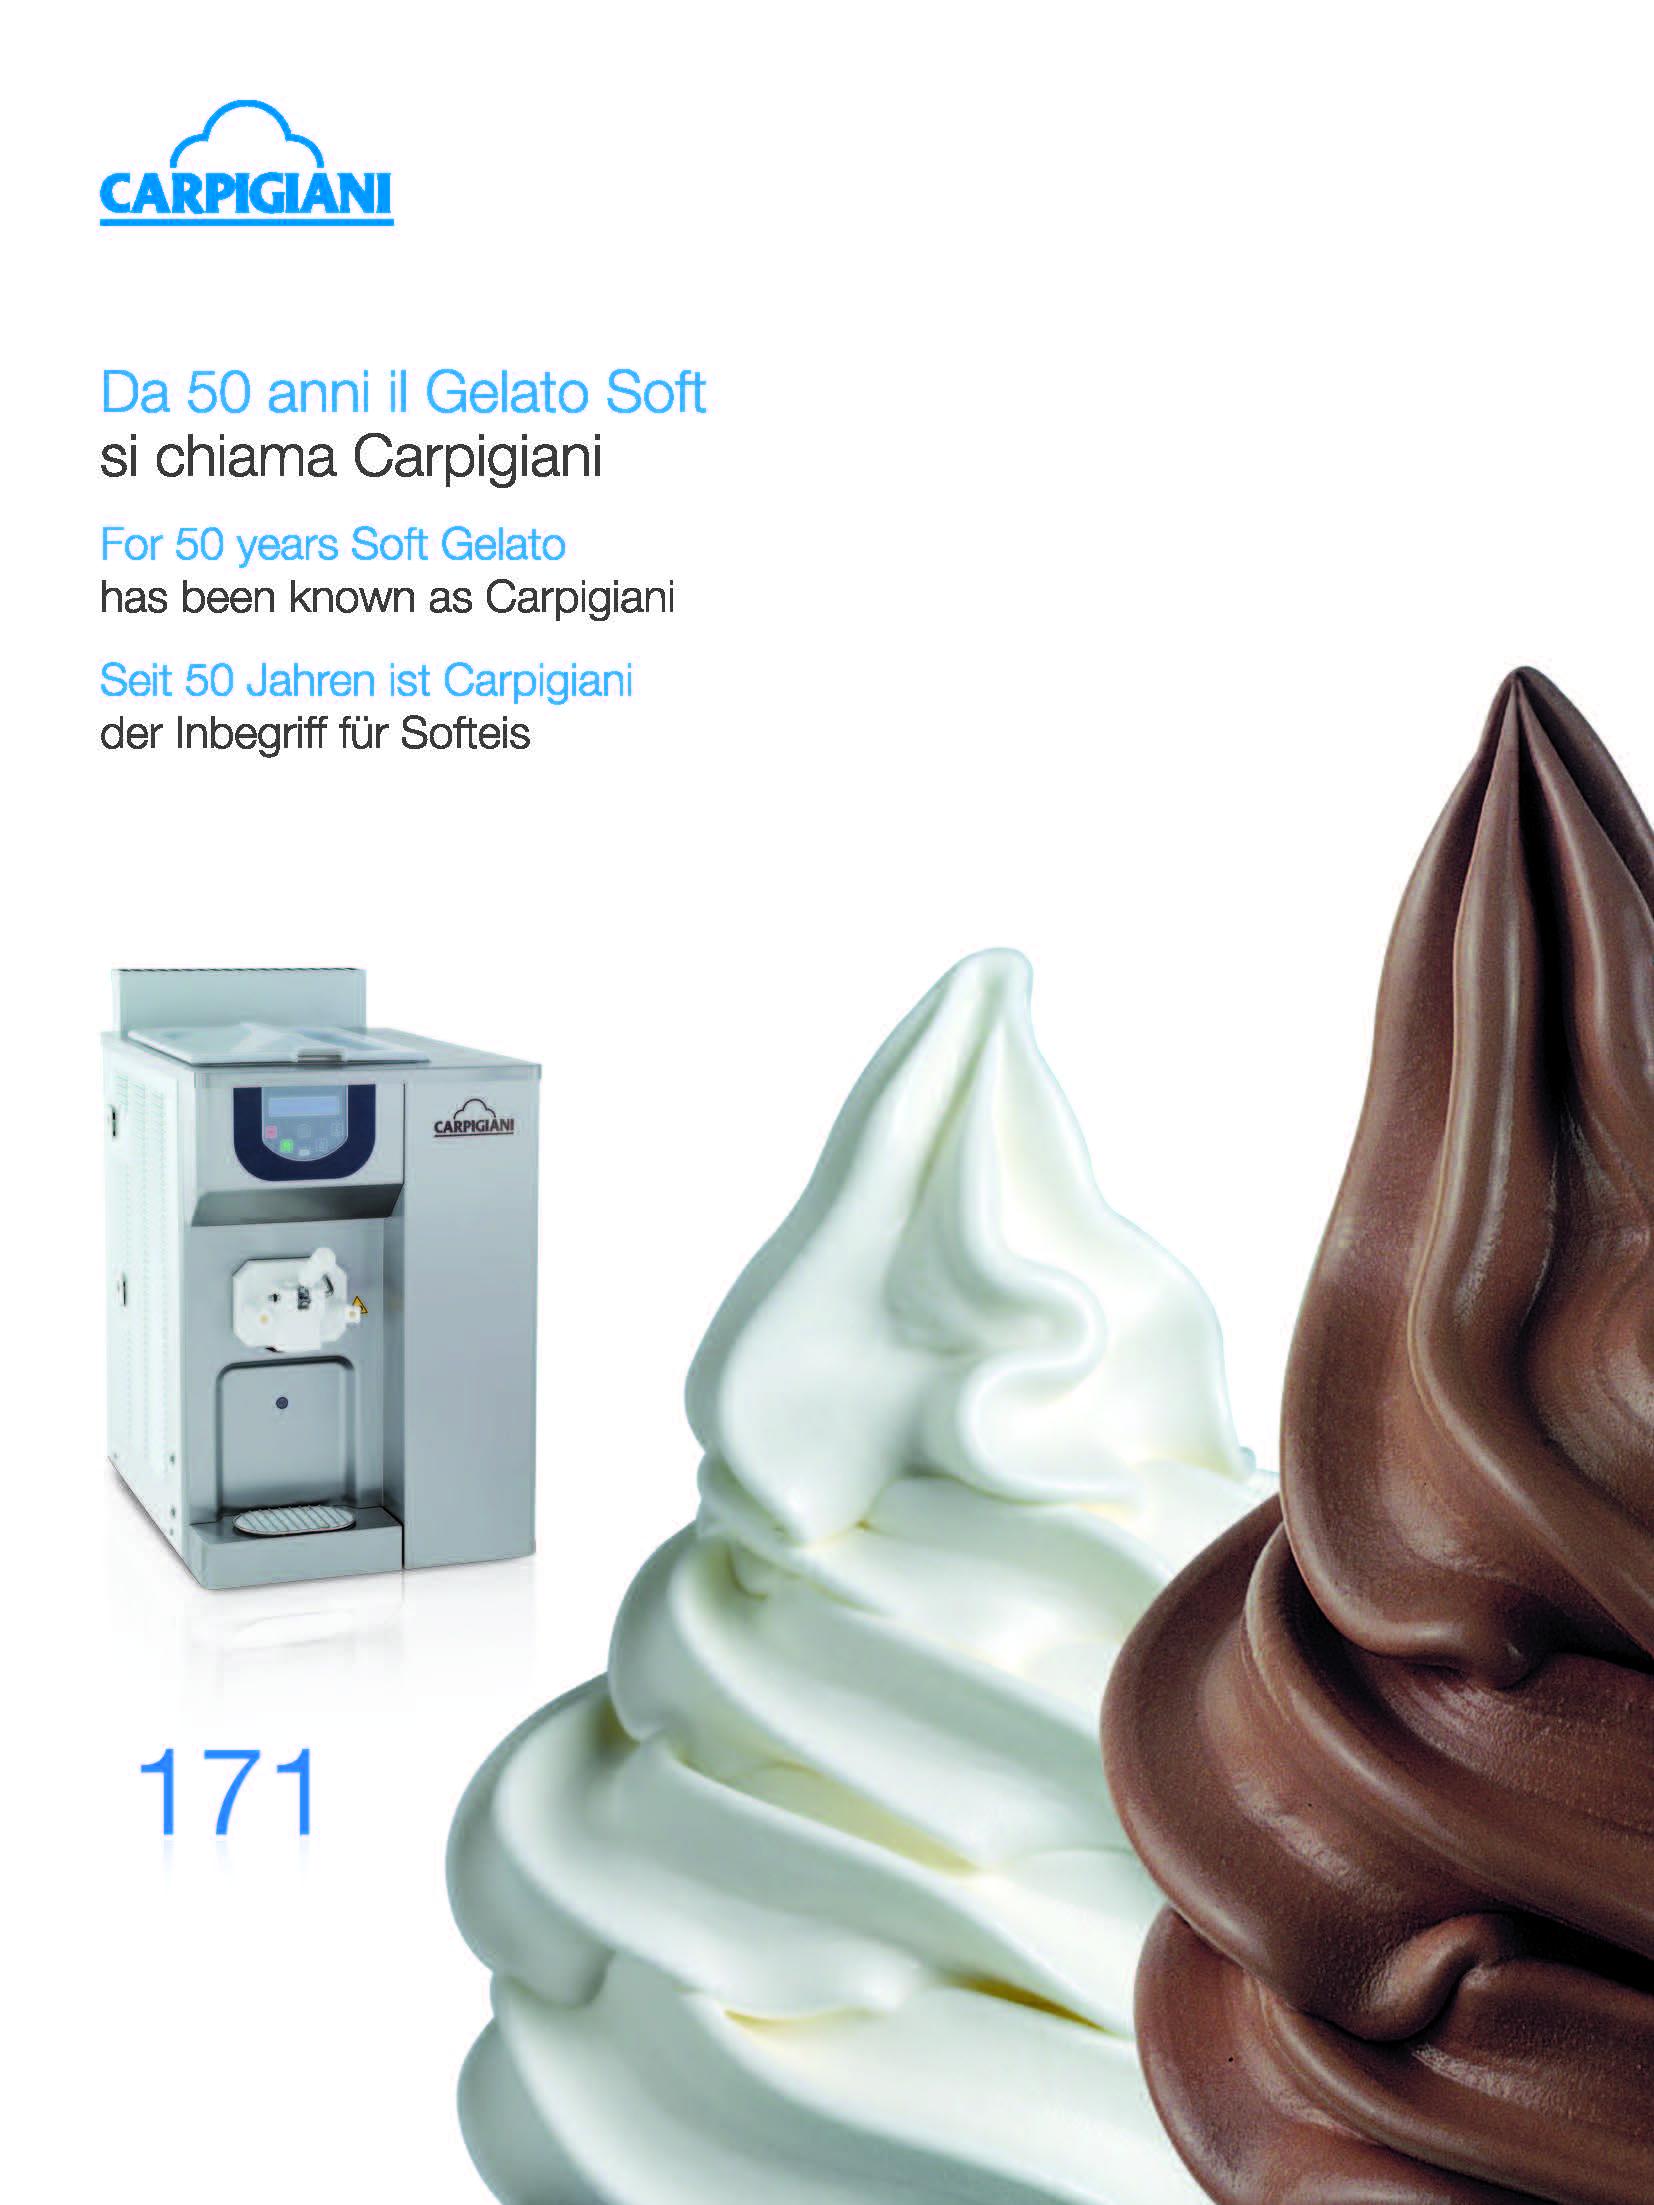 Carpigiani – 171